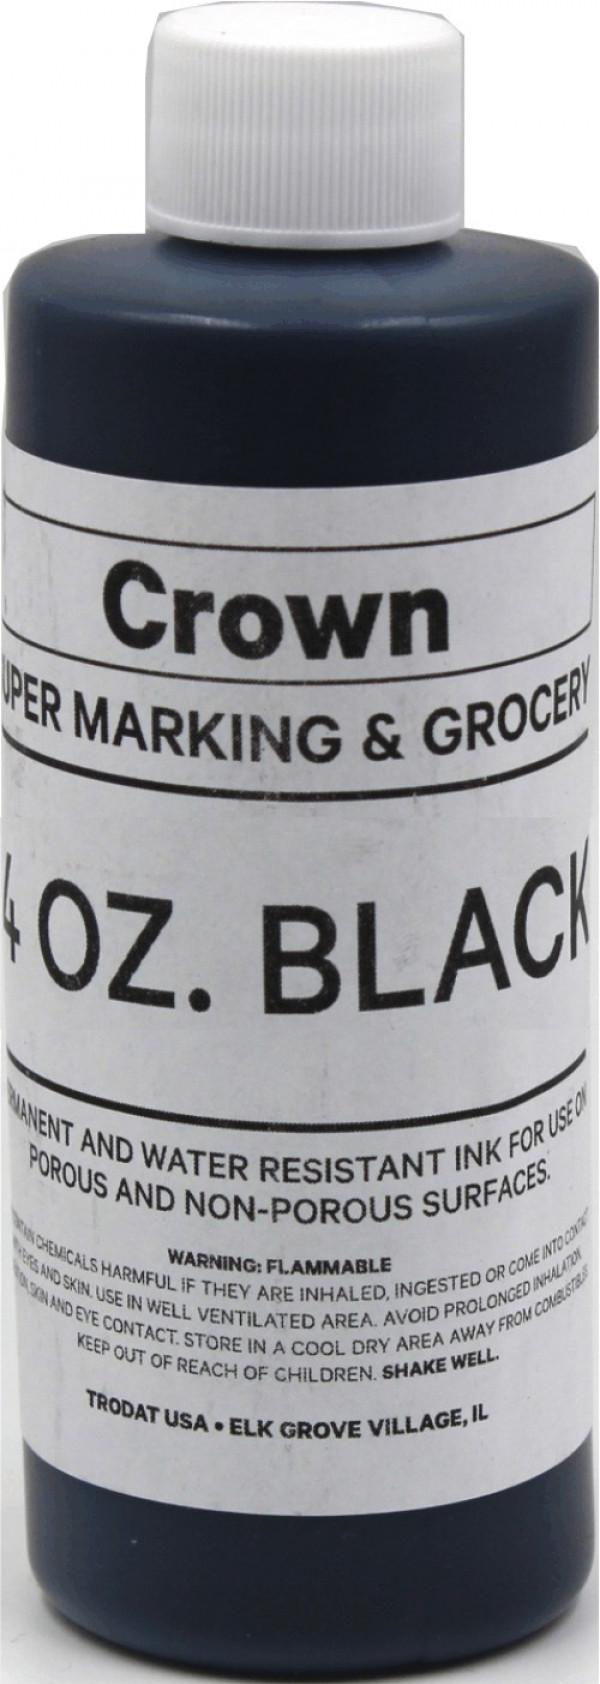 Black 4oz SuperMarking Ink